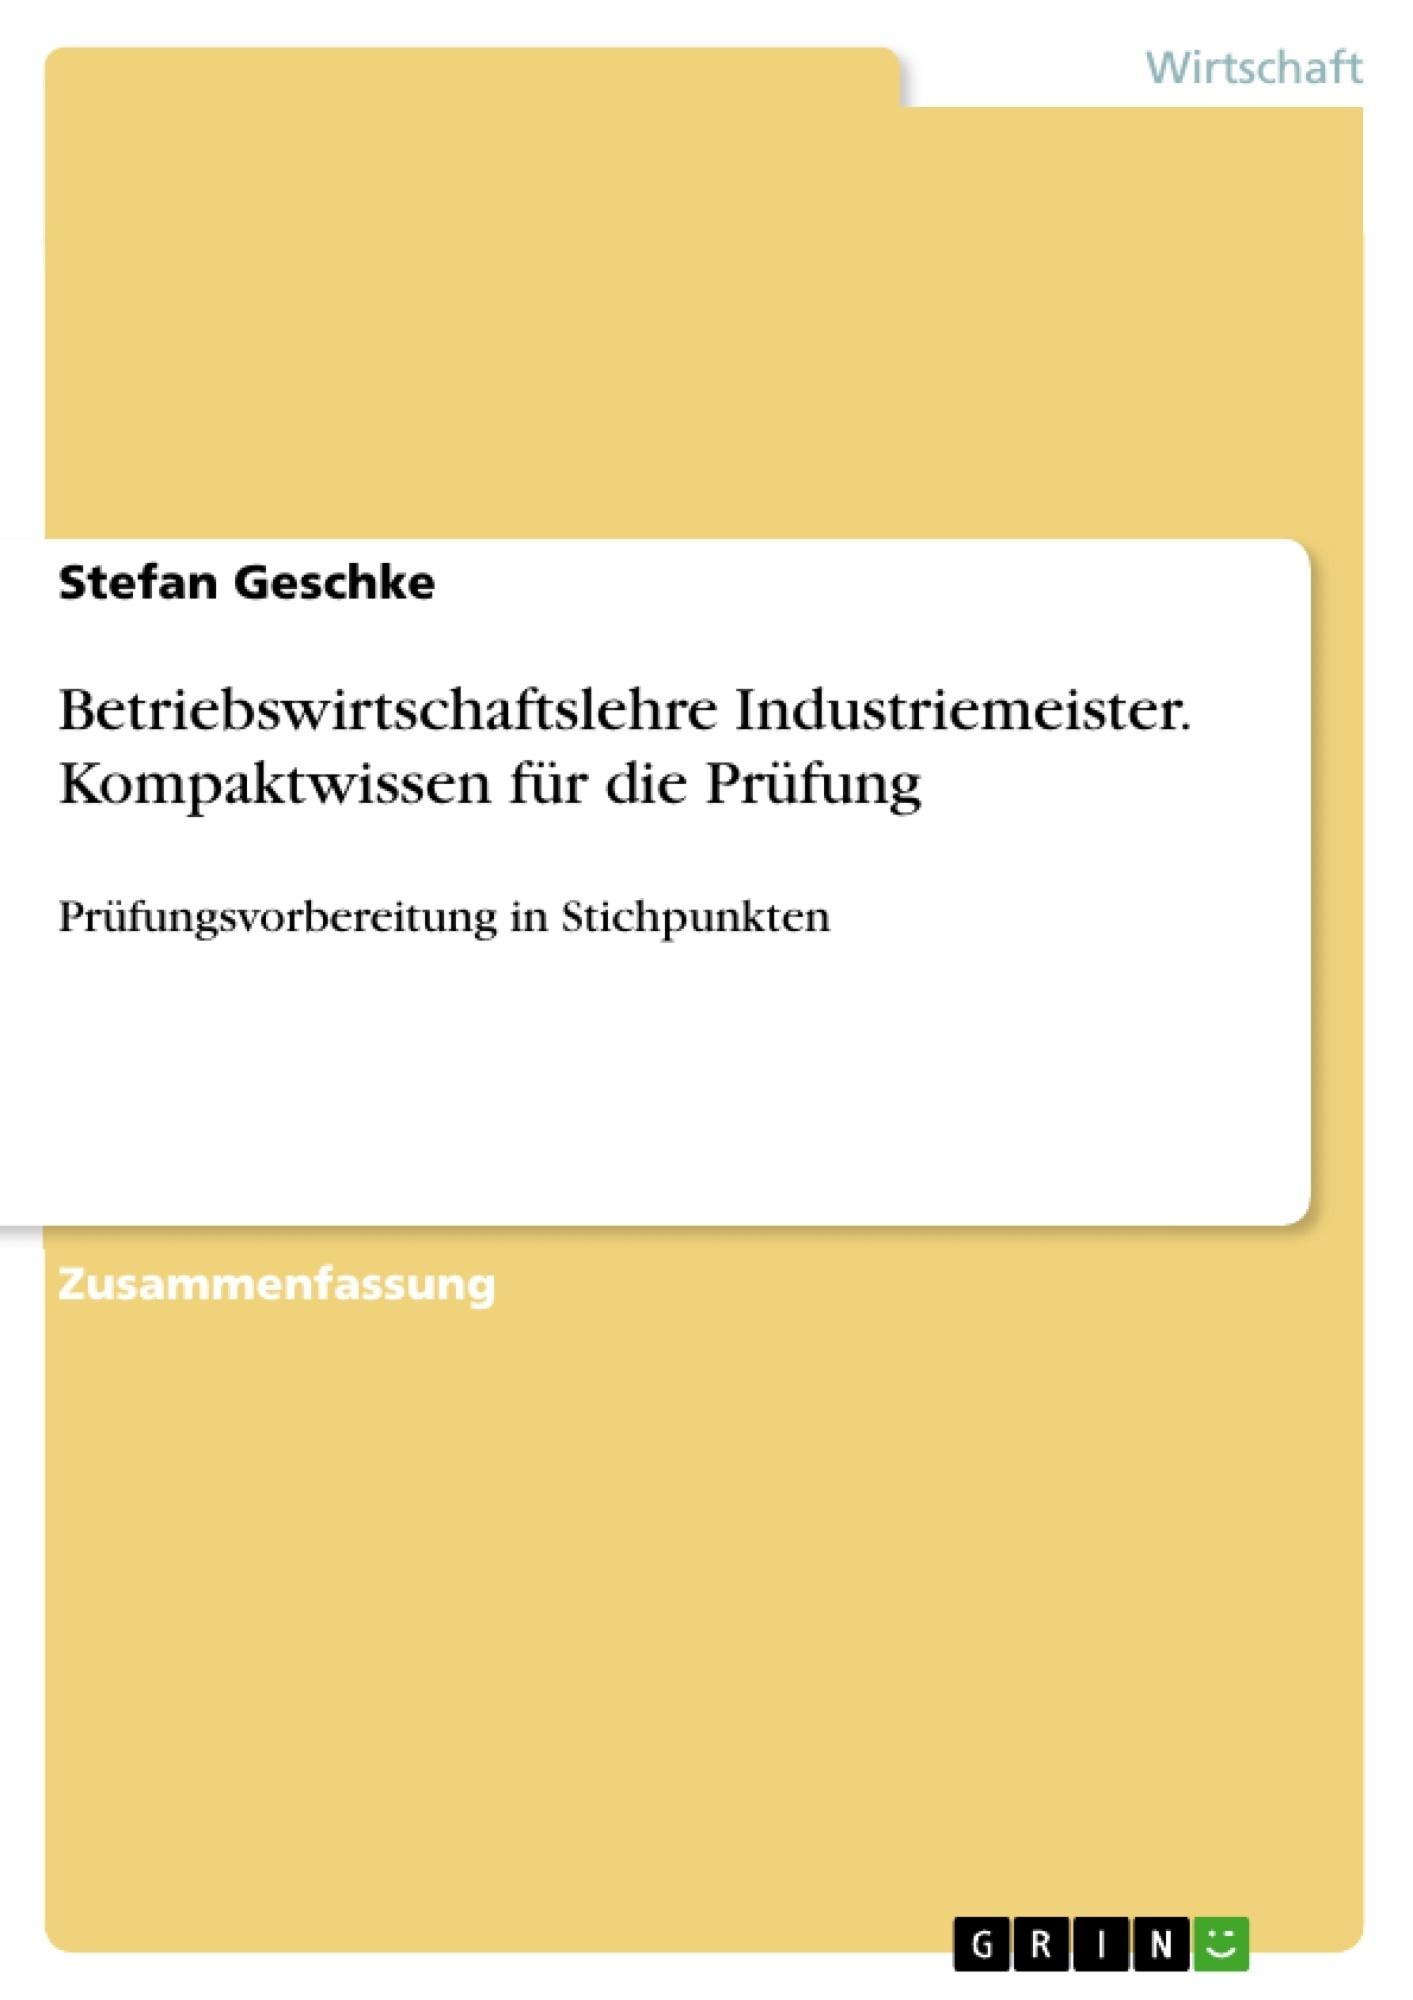 Titel: Betriebswirtschaftslehre Industriemeister. Kompaktwissen für die Prüfung